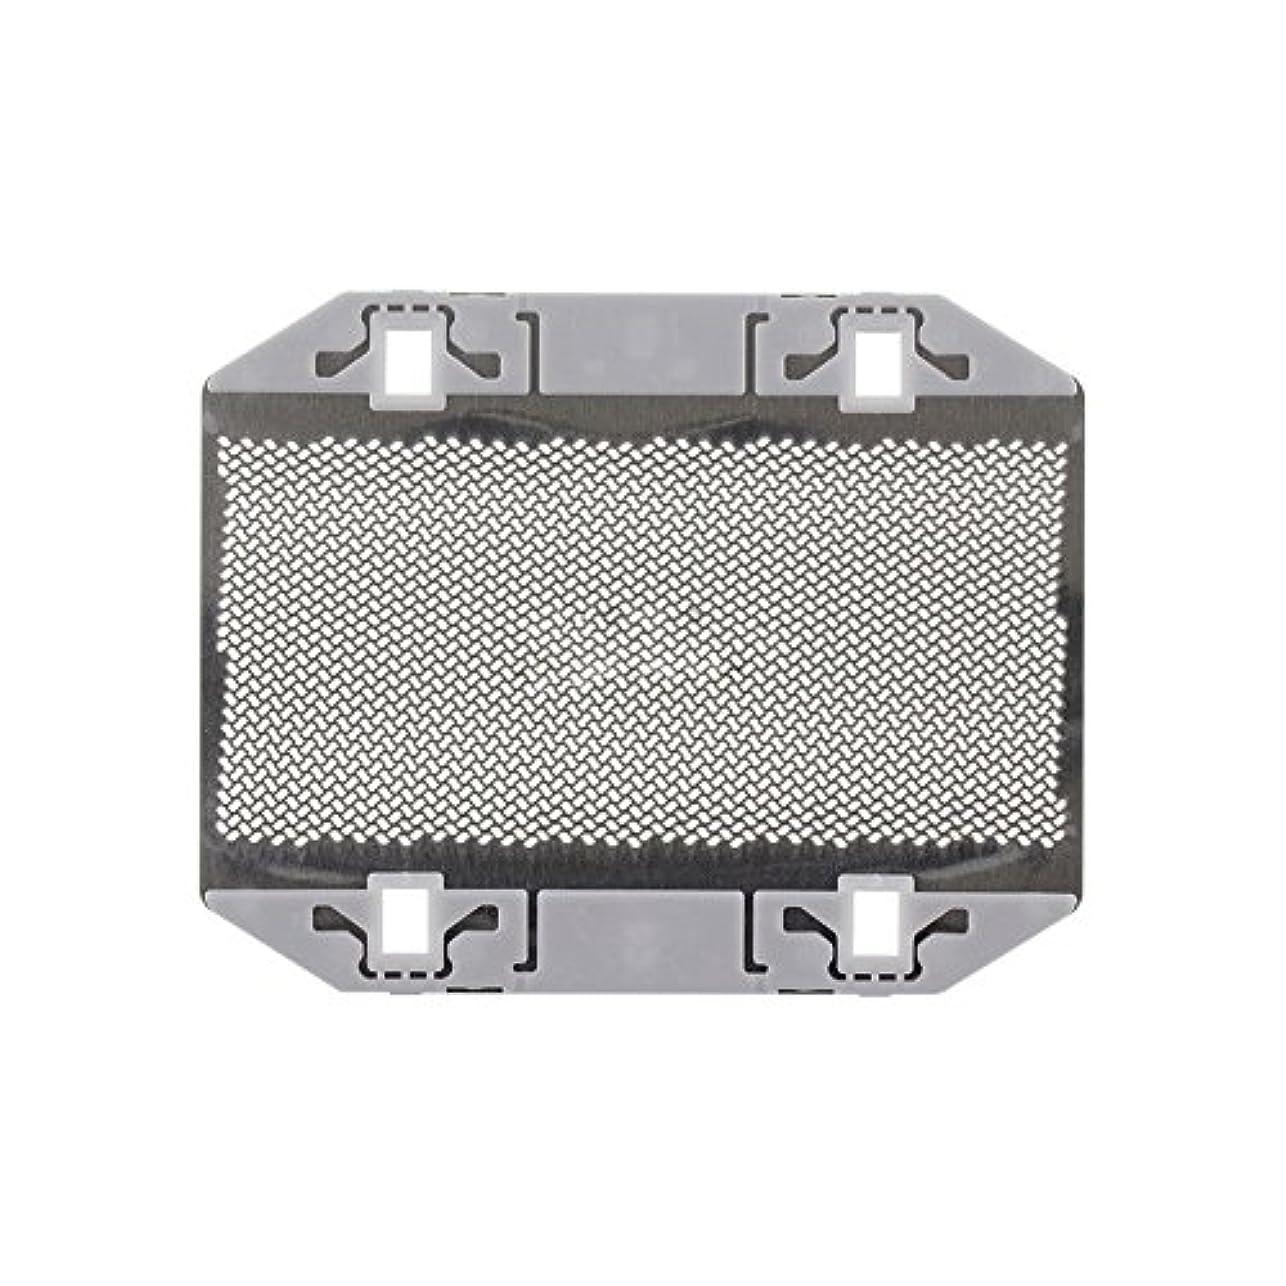 ビルダー更新事務所Deylaying シェーバー替刃 ロータリー式シェーバー パーツ 外刃 耐用 高質量 for Panasonic ES9943 ES3042 ES3801 ES3750 ES365 ES366